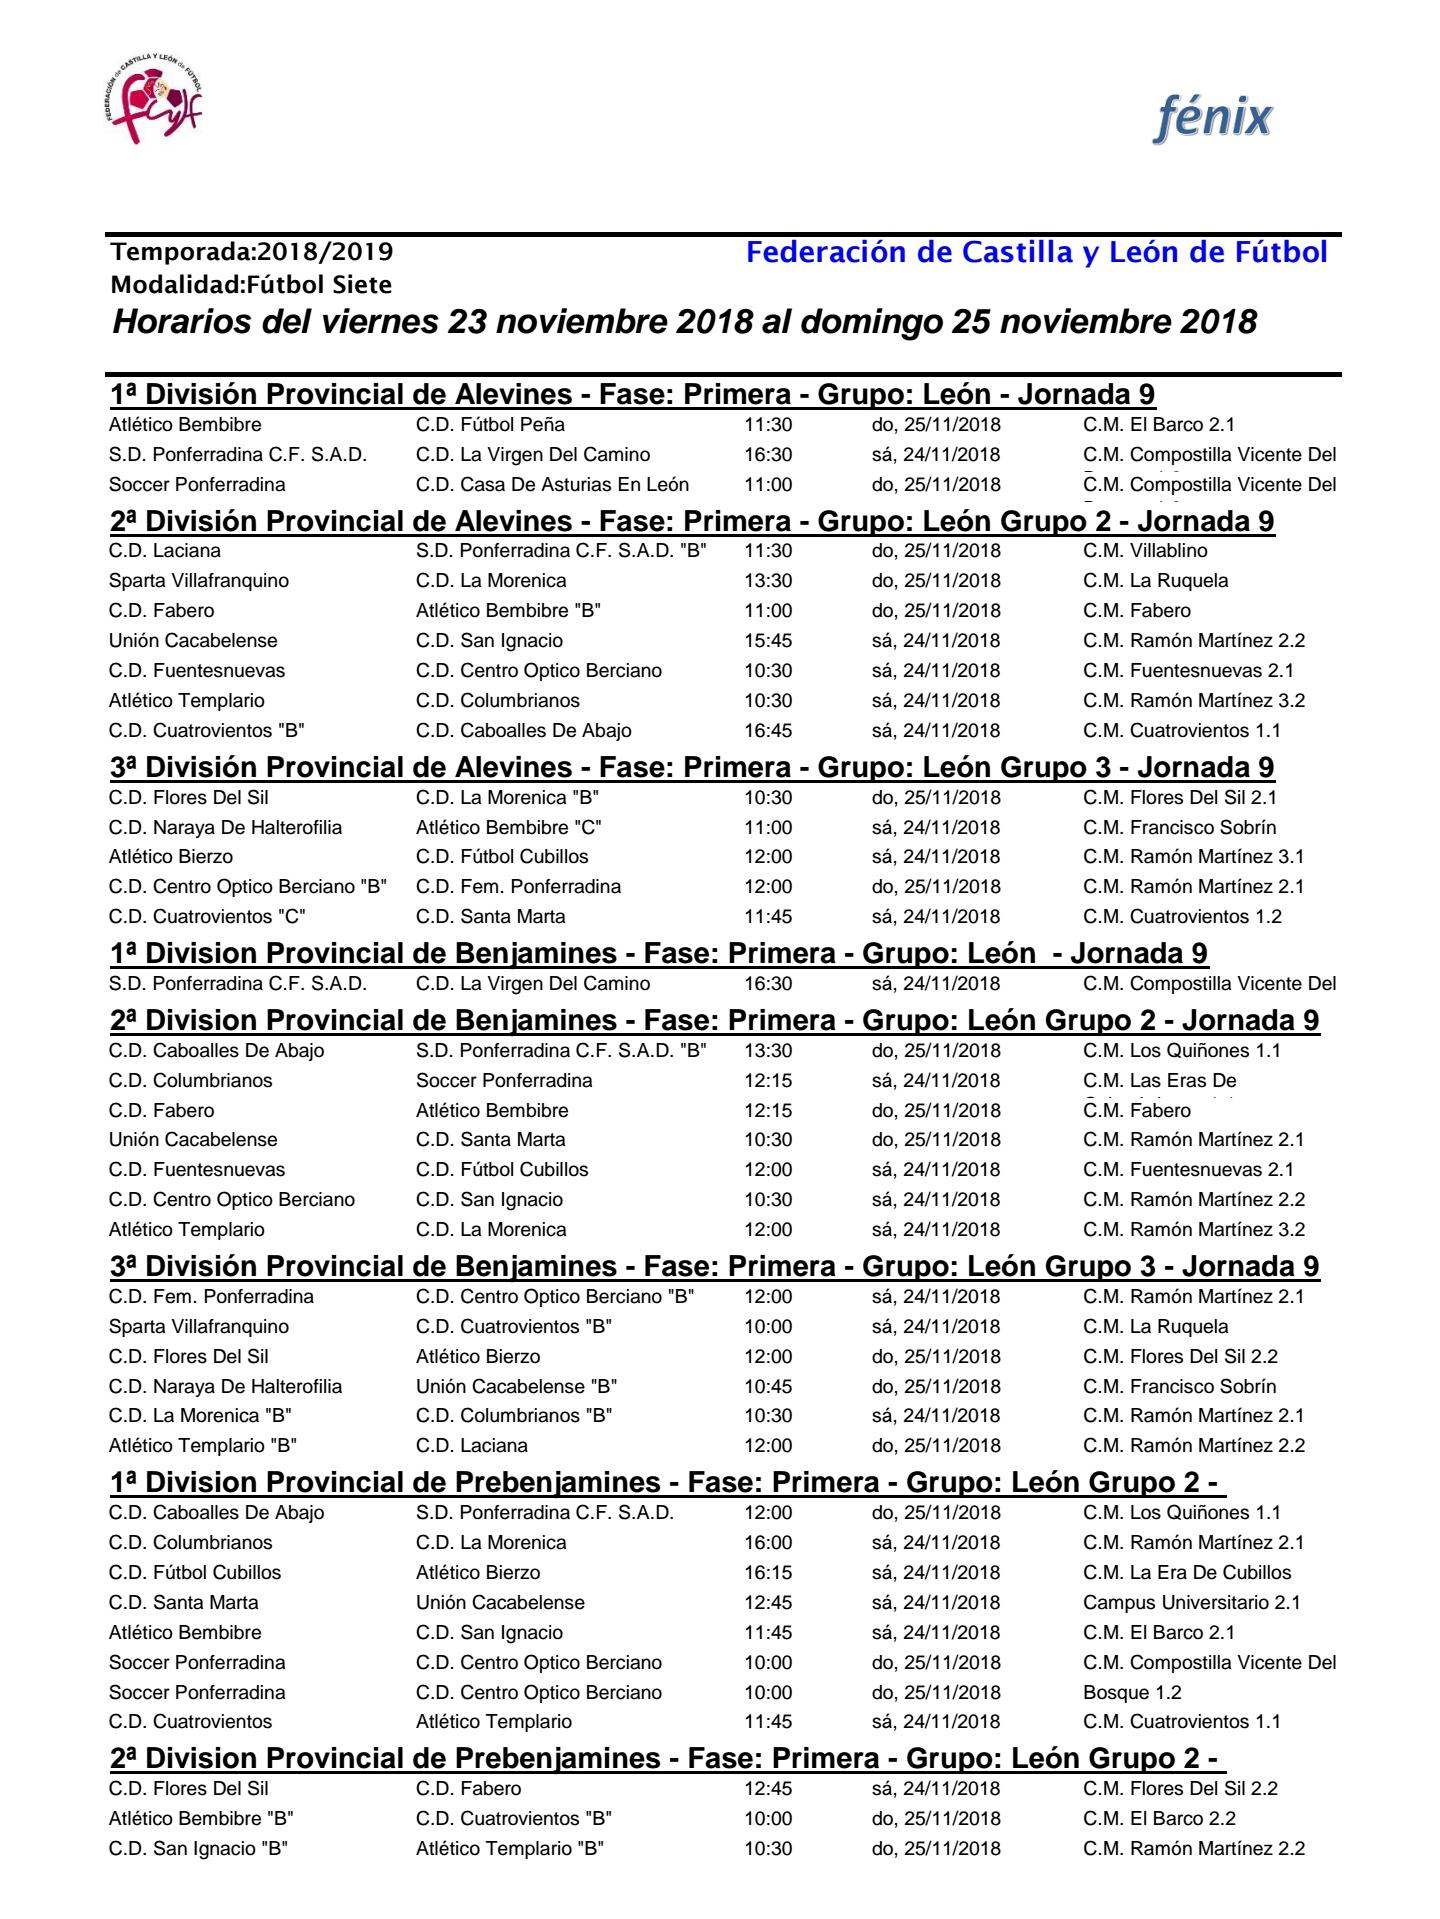 Planes de ocio para el fin de semana en Ponferrada y el Bierzo. 23 al 25 de noviembre 2018 41